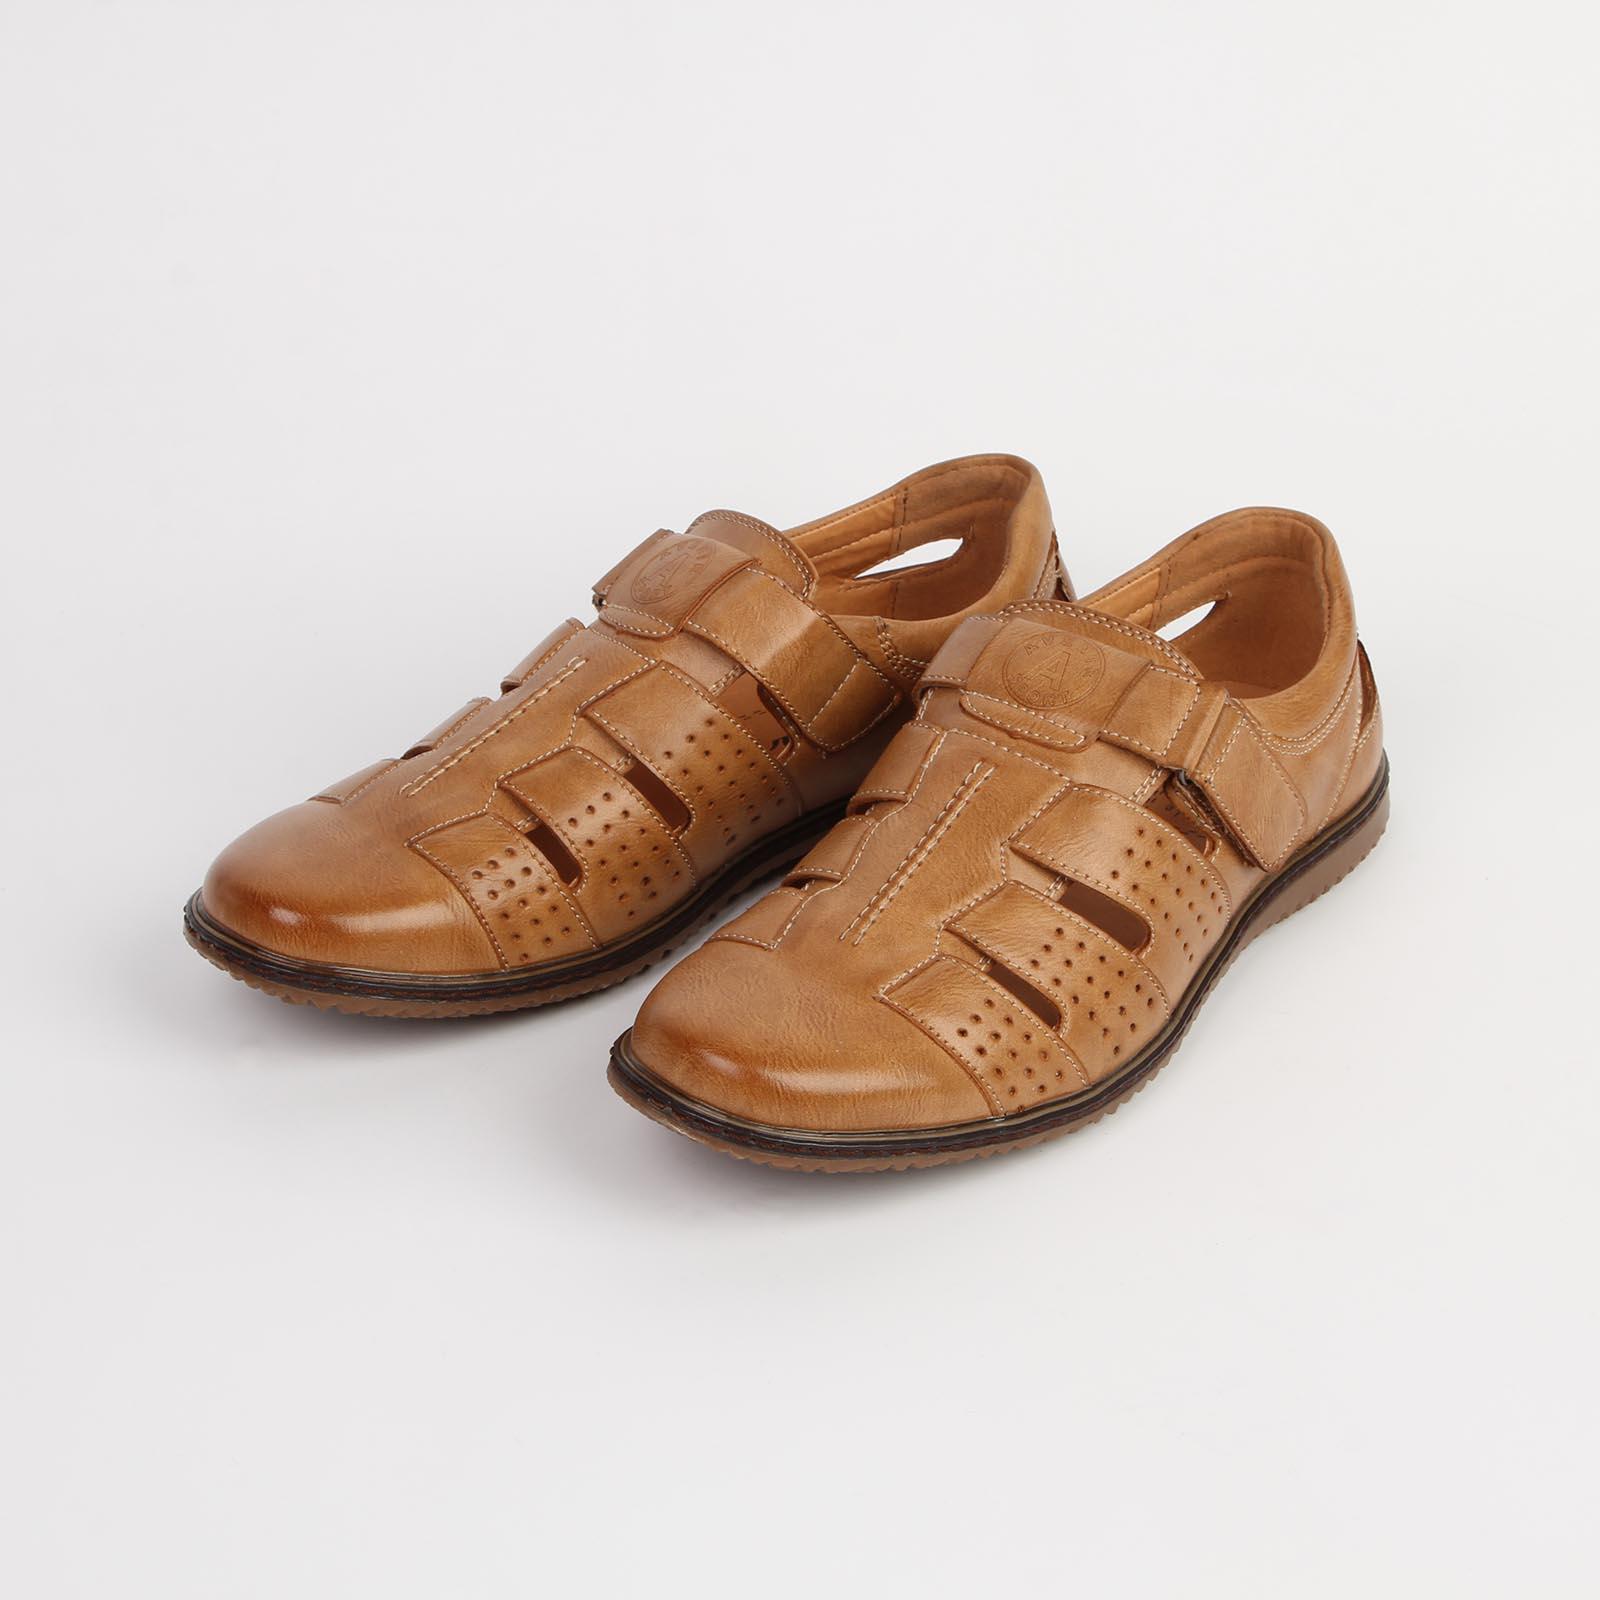 Туфли мужские летние на удобном ремешке с застежкой-липучкой